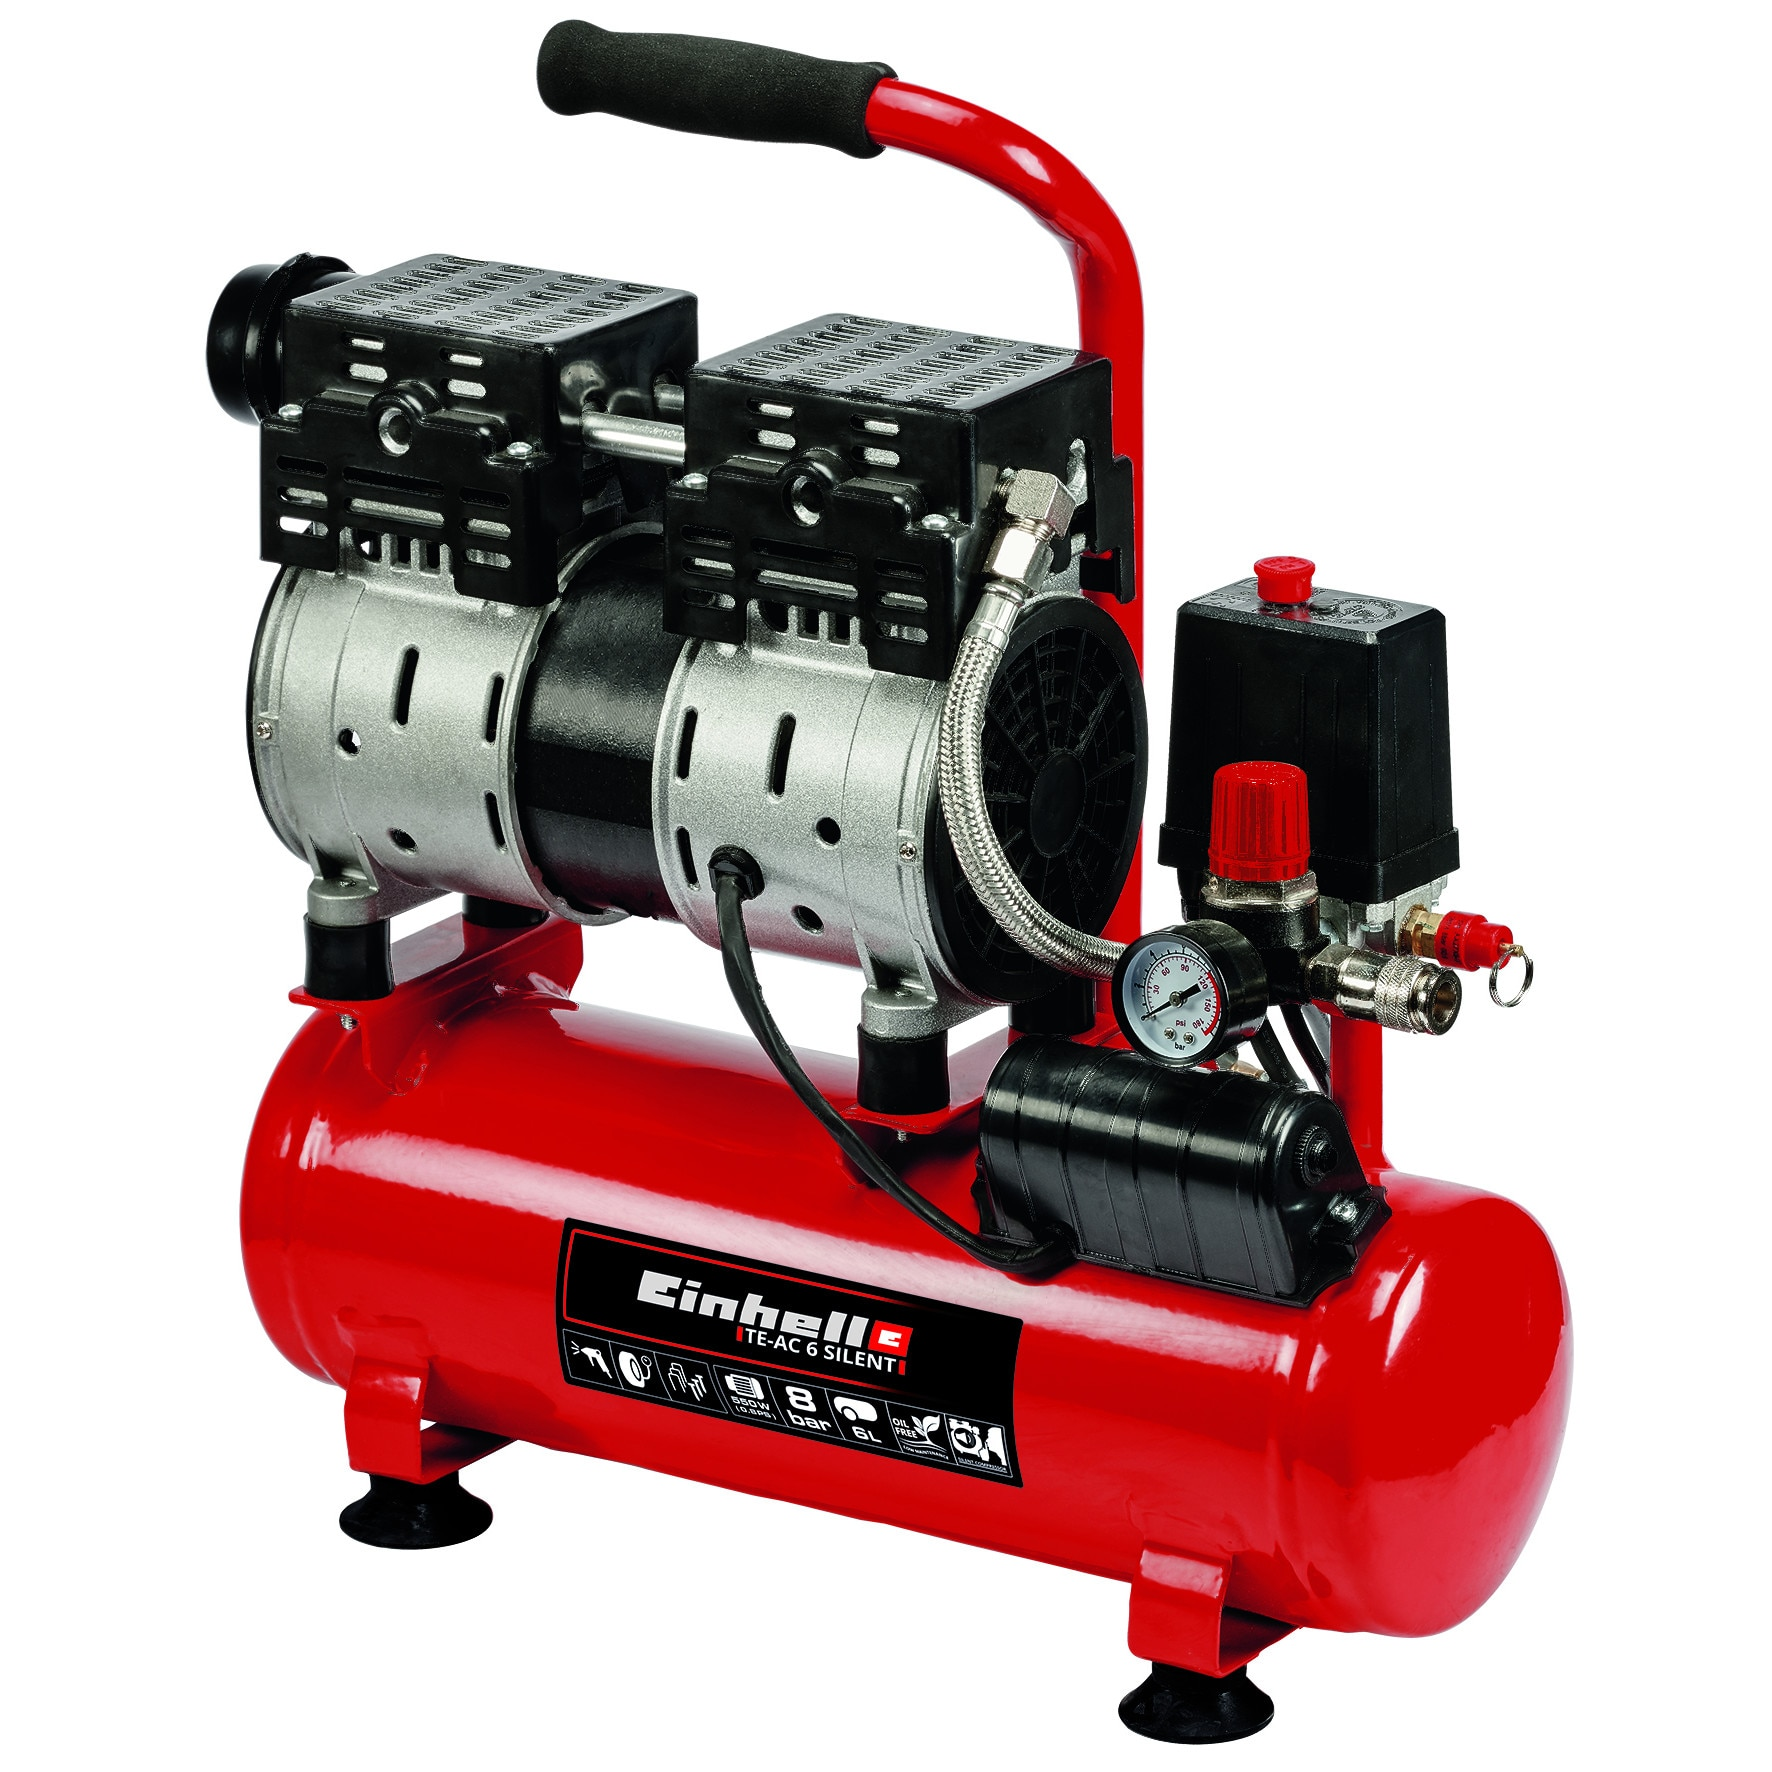 Fotografie Compresor fara ulei Einhell TE-AC 6 Silent, 550 W, 8 bar presiune lucru, 6 l capacitate rezervor, 50 l/min debit aer refulat, 110 l/min debit aer aspirat